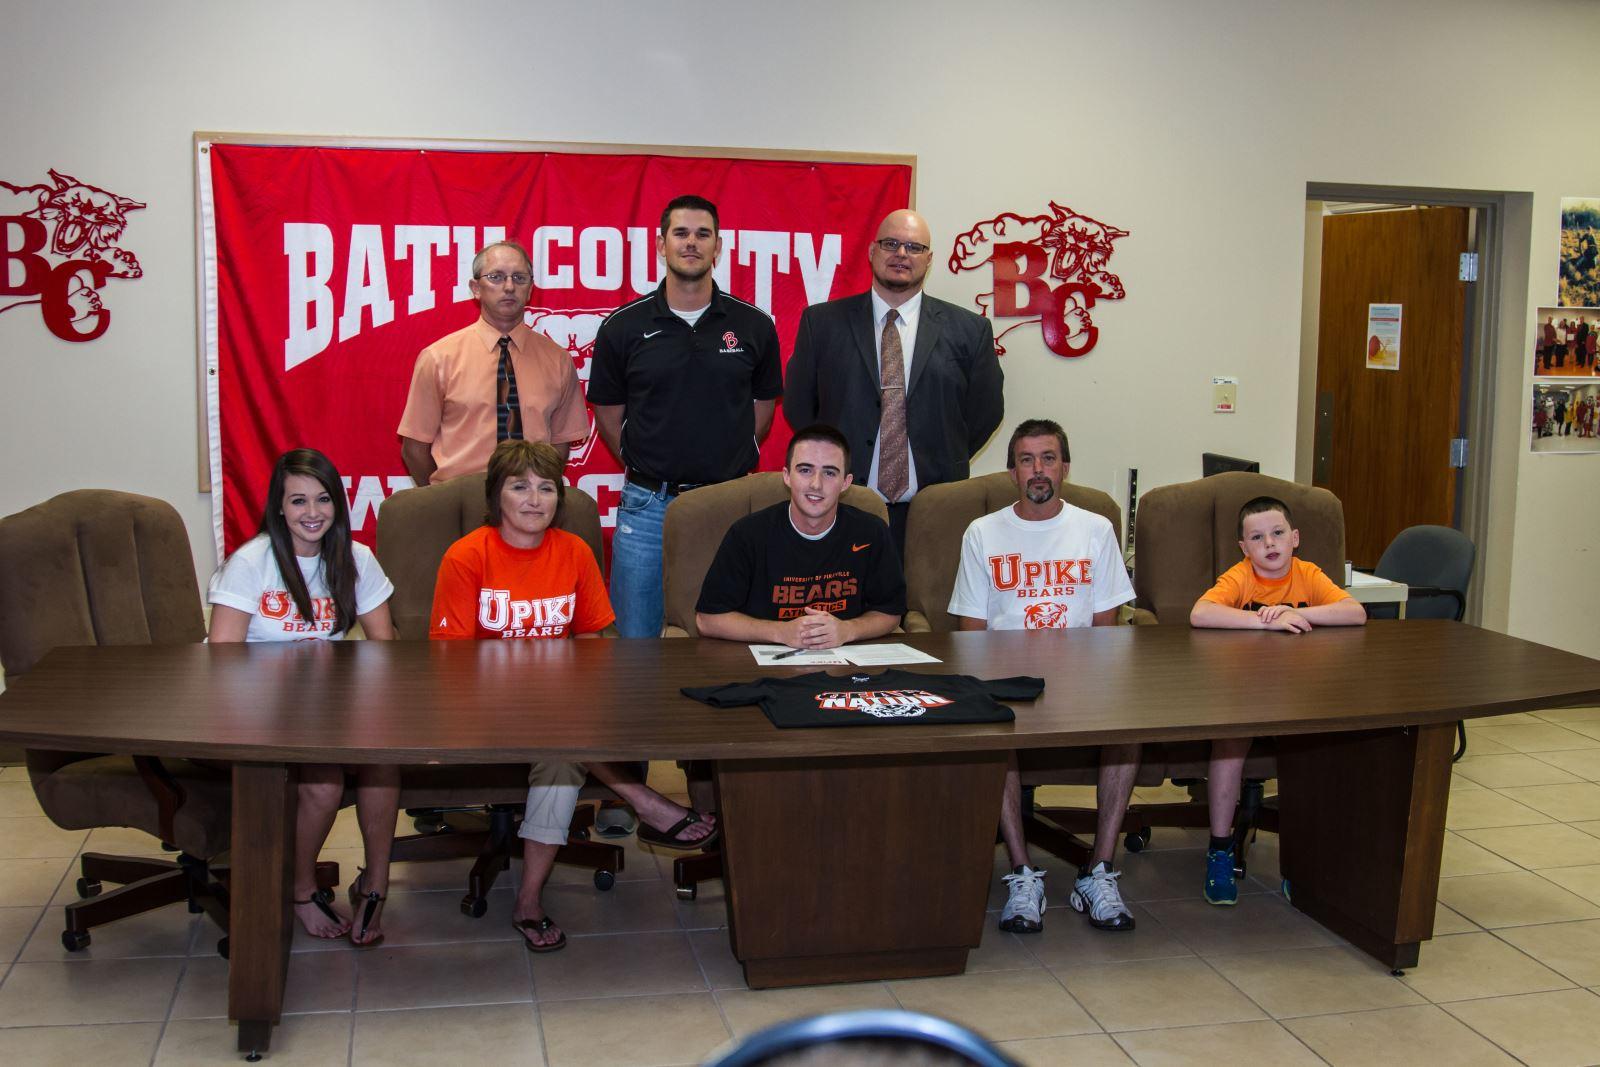 Photo: Bath County High School